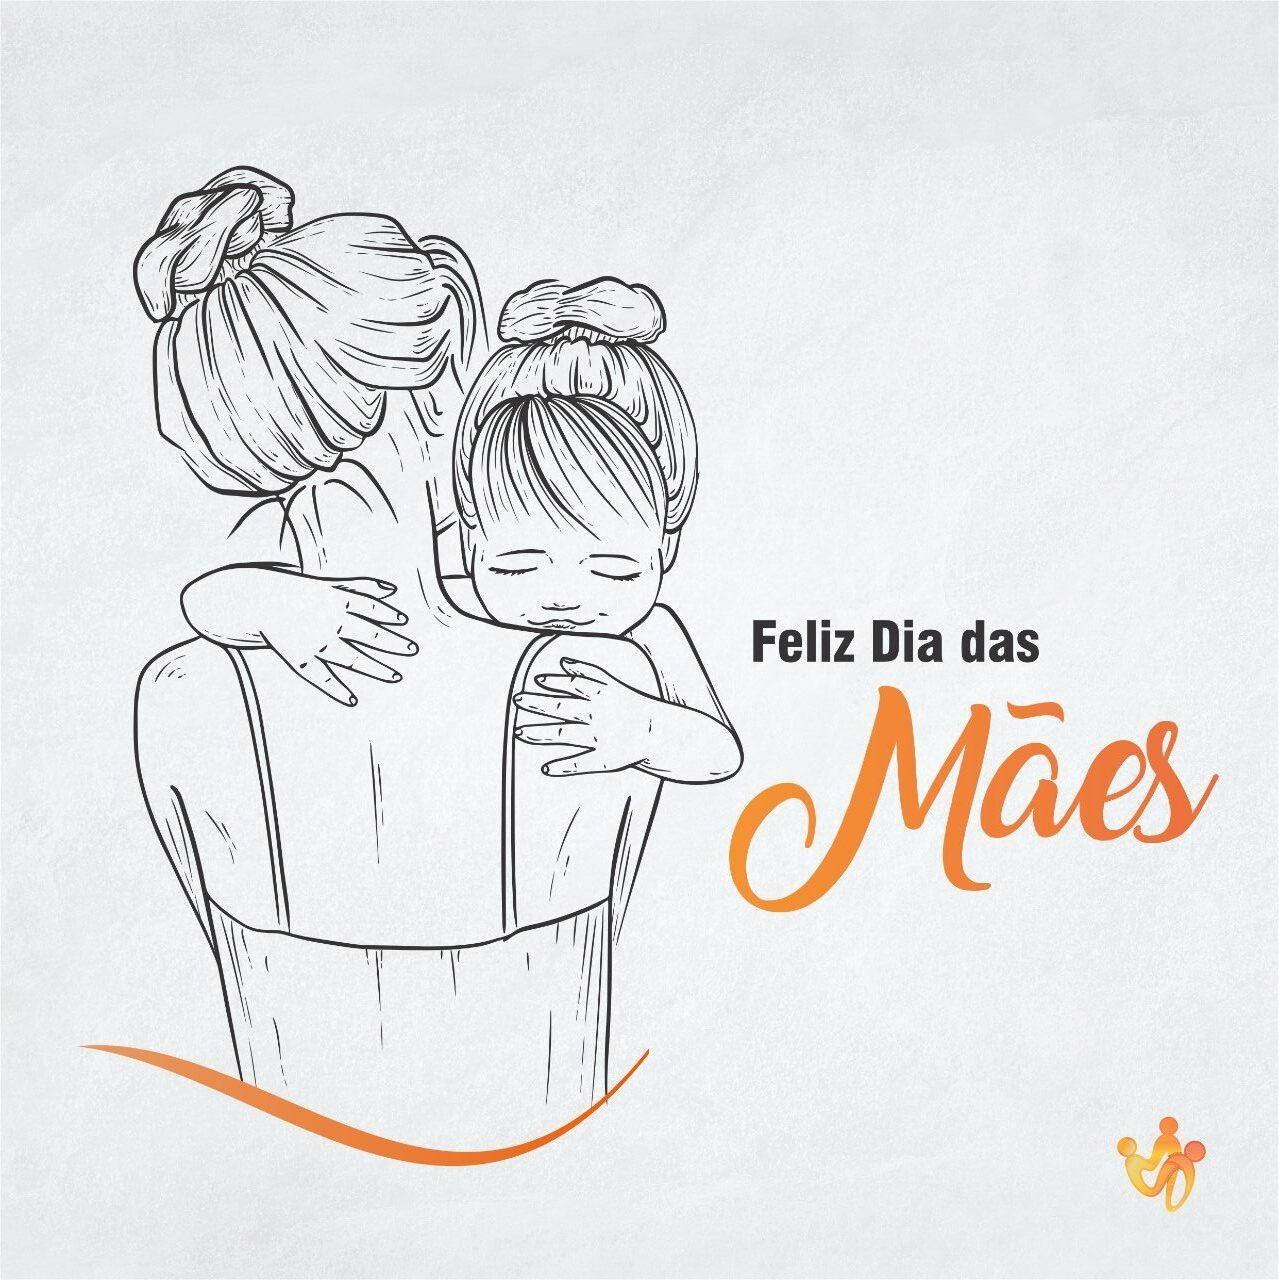 Instituto Mais Ação- Dia das mães